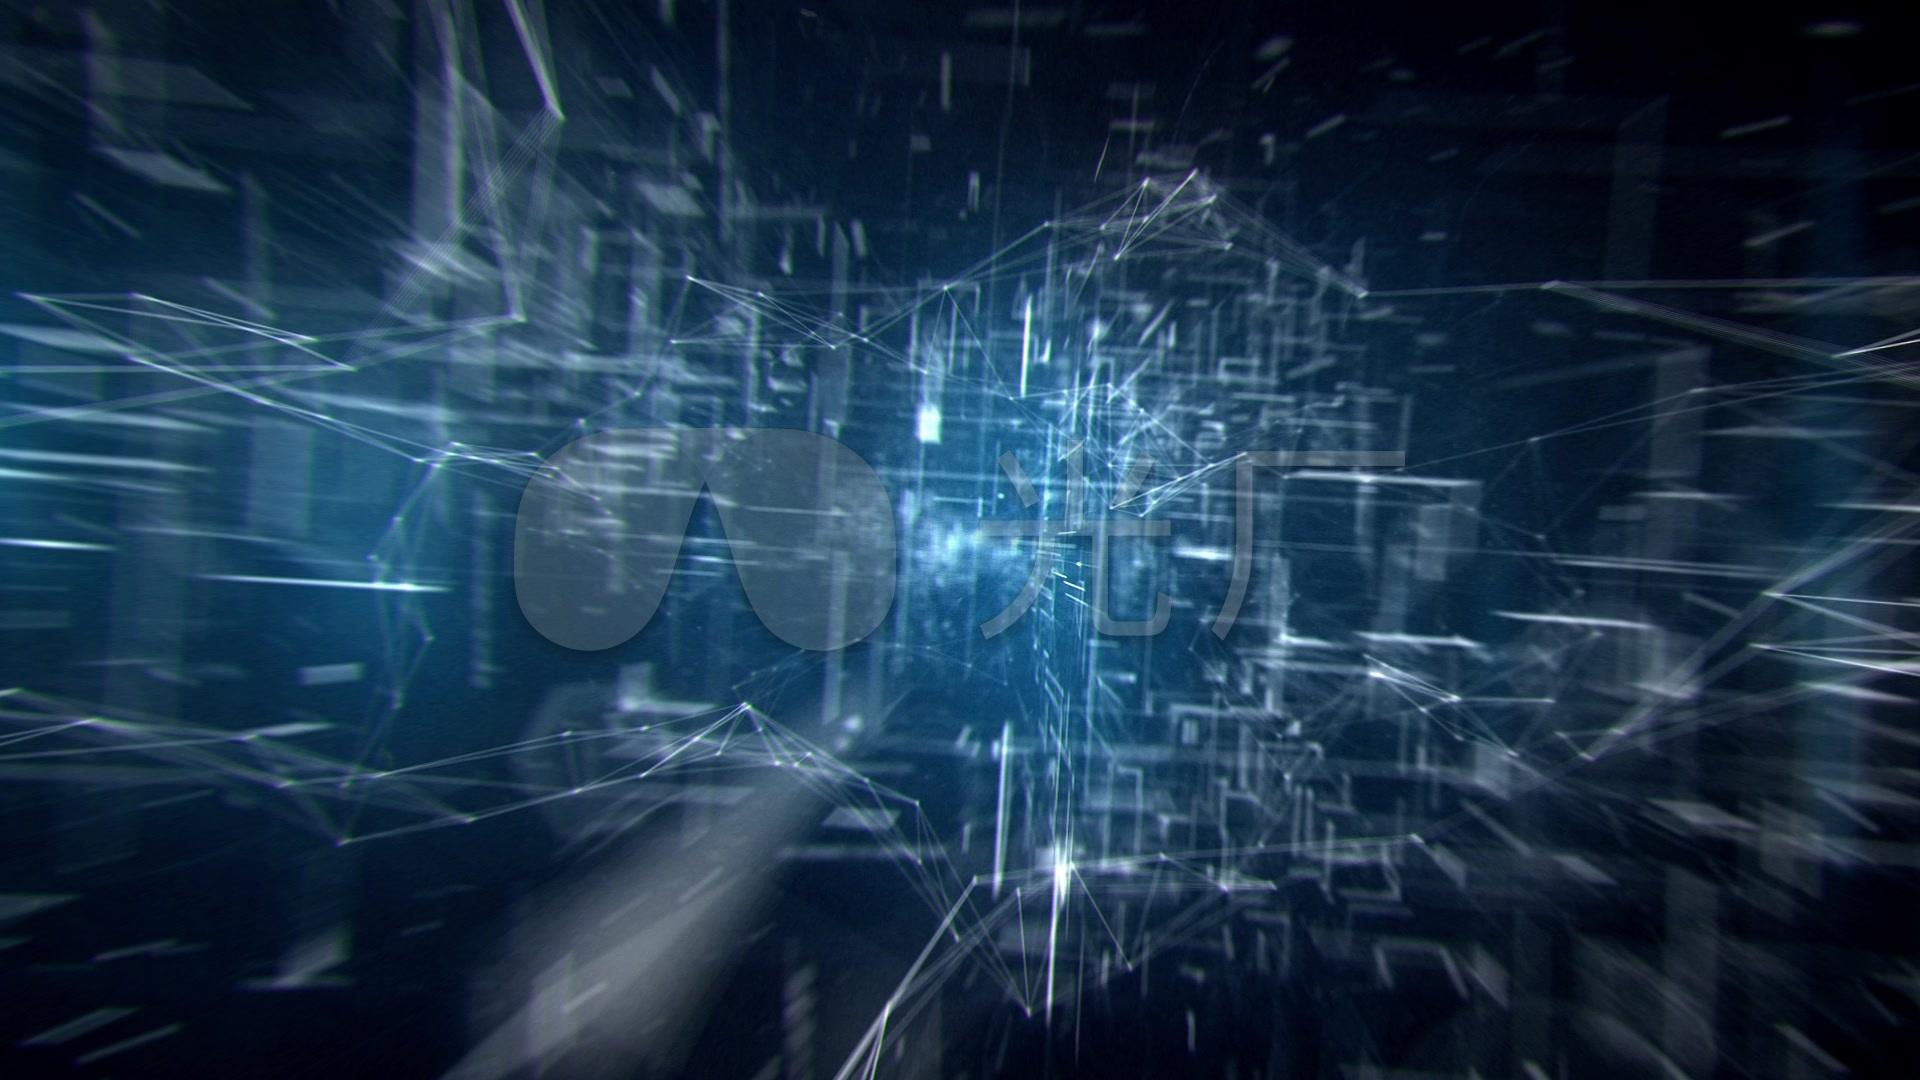 非常壯觀未來高科技特效_1920x1080_高清視頻素材下載圖片